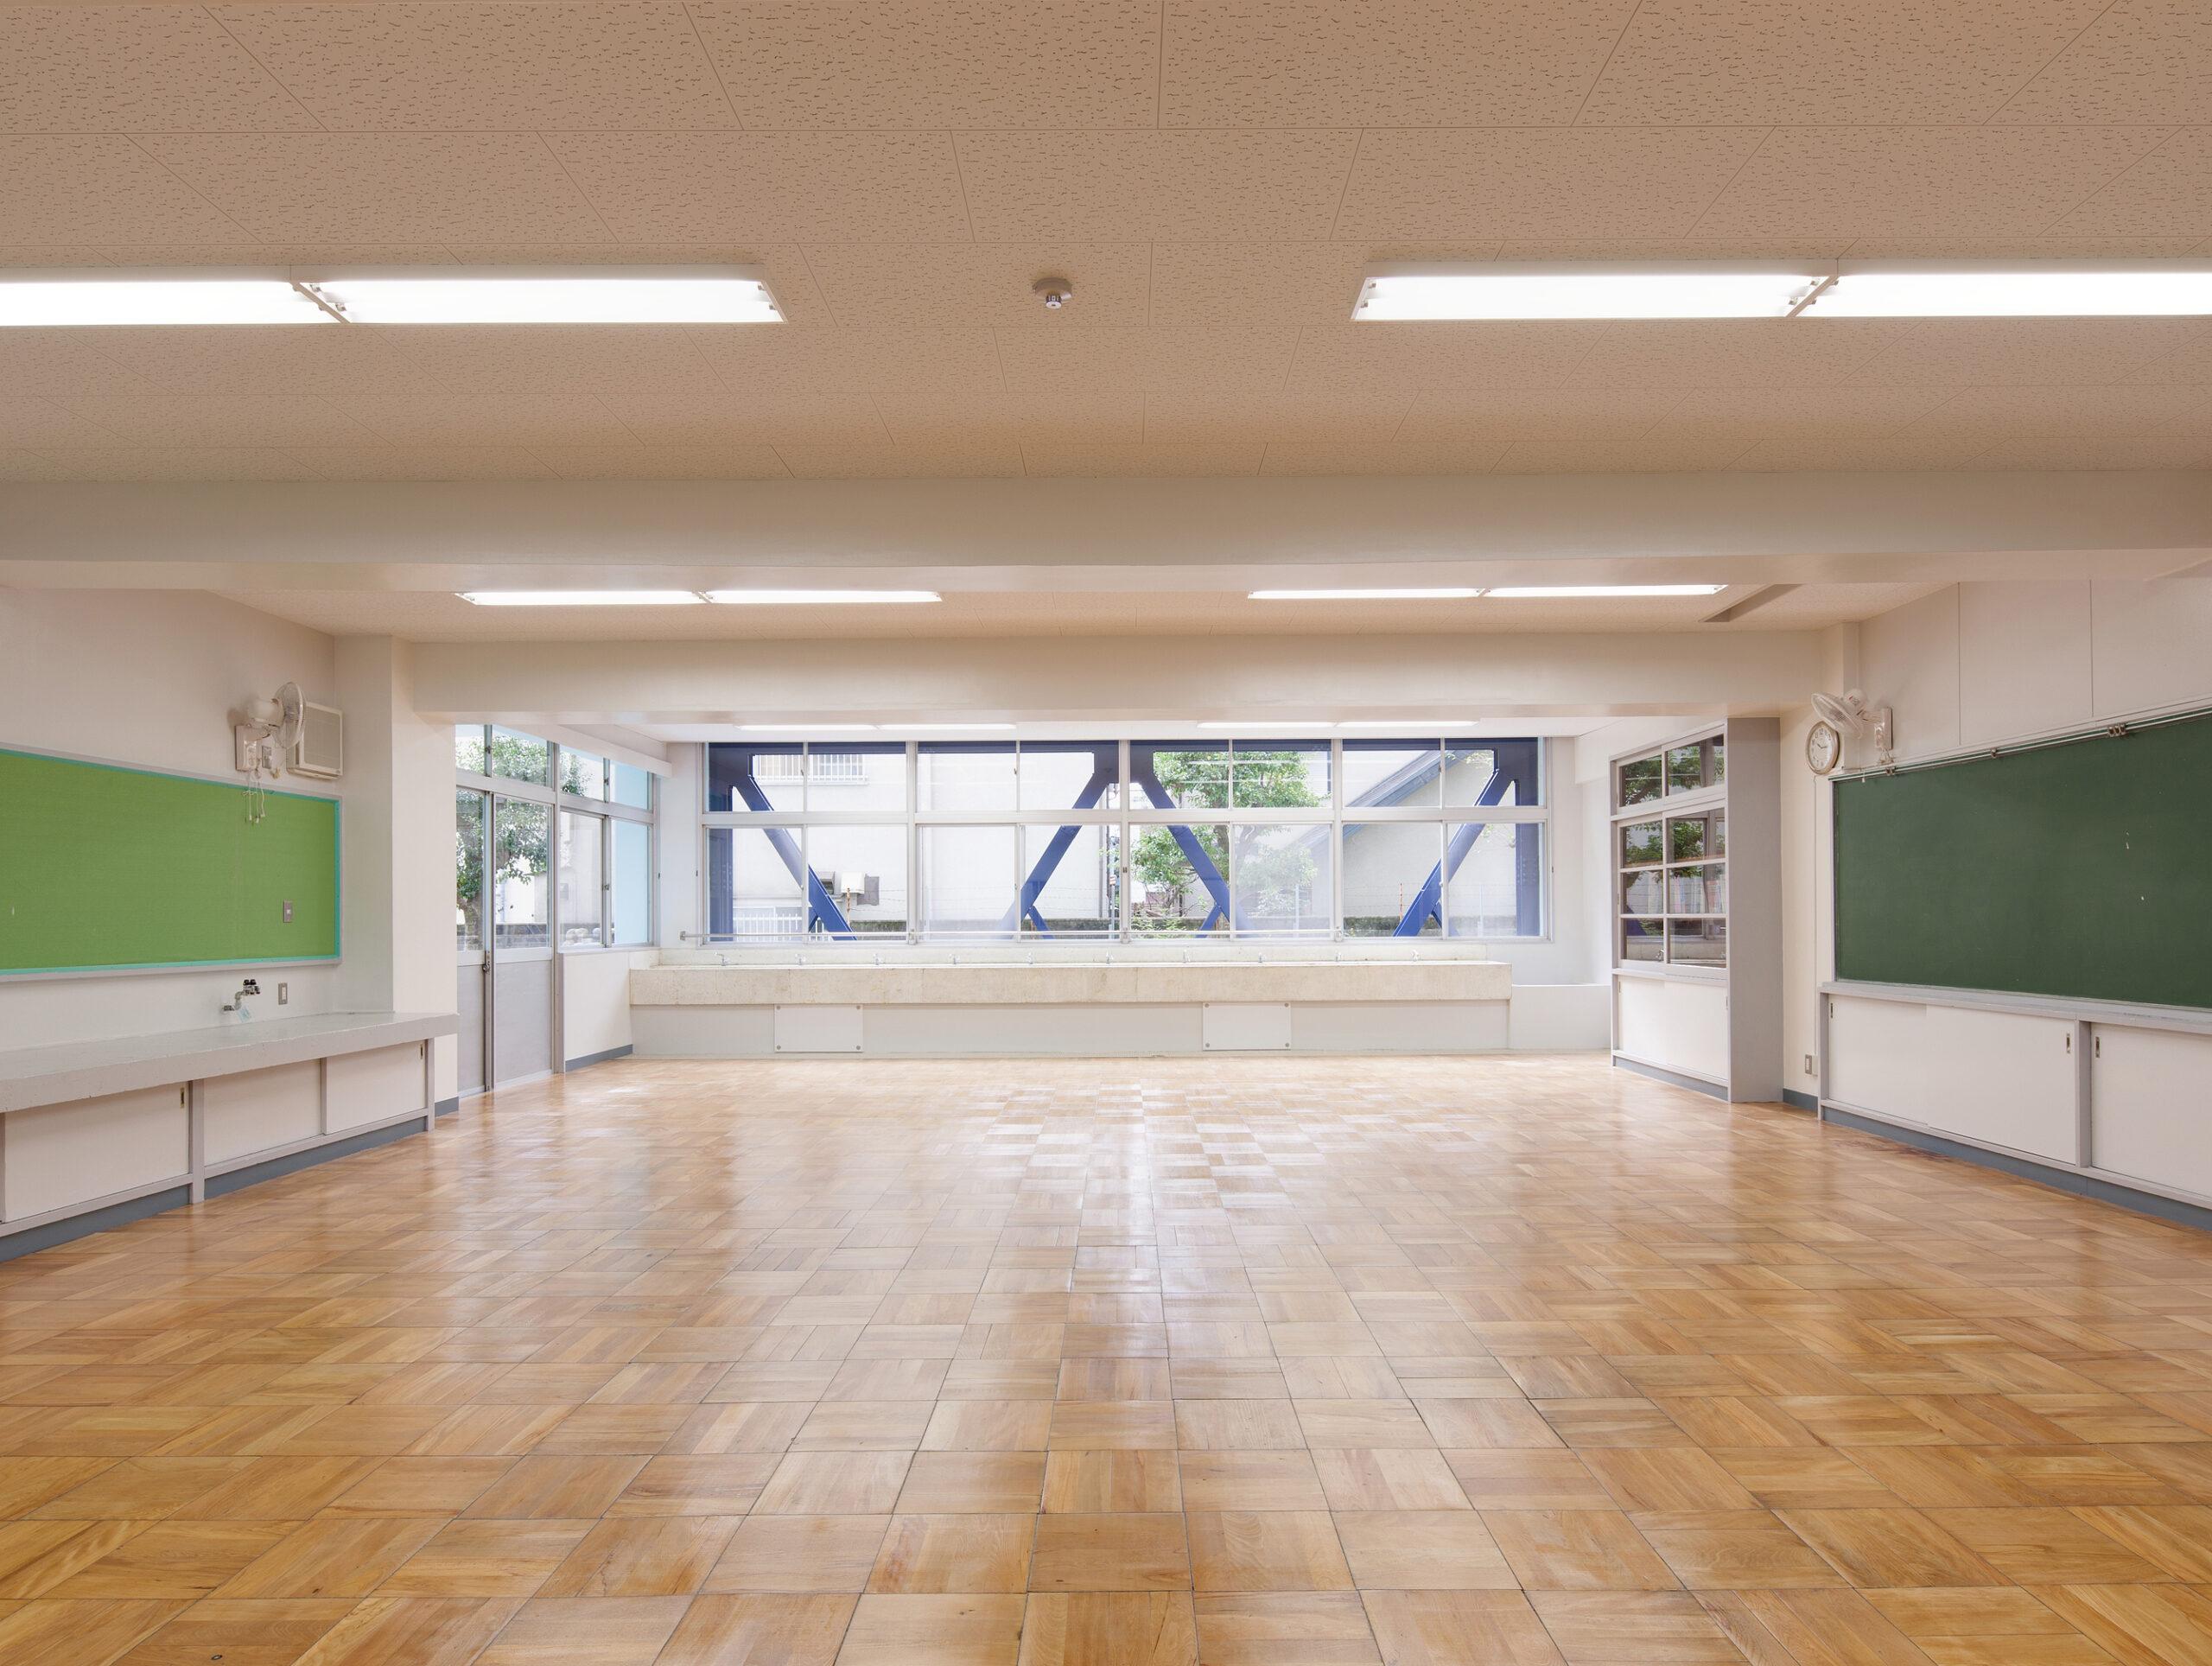 八雲中学屋内運動場耐震補強